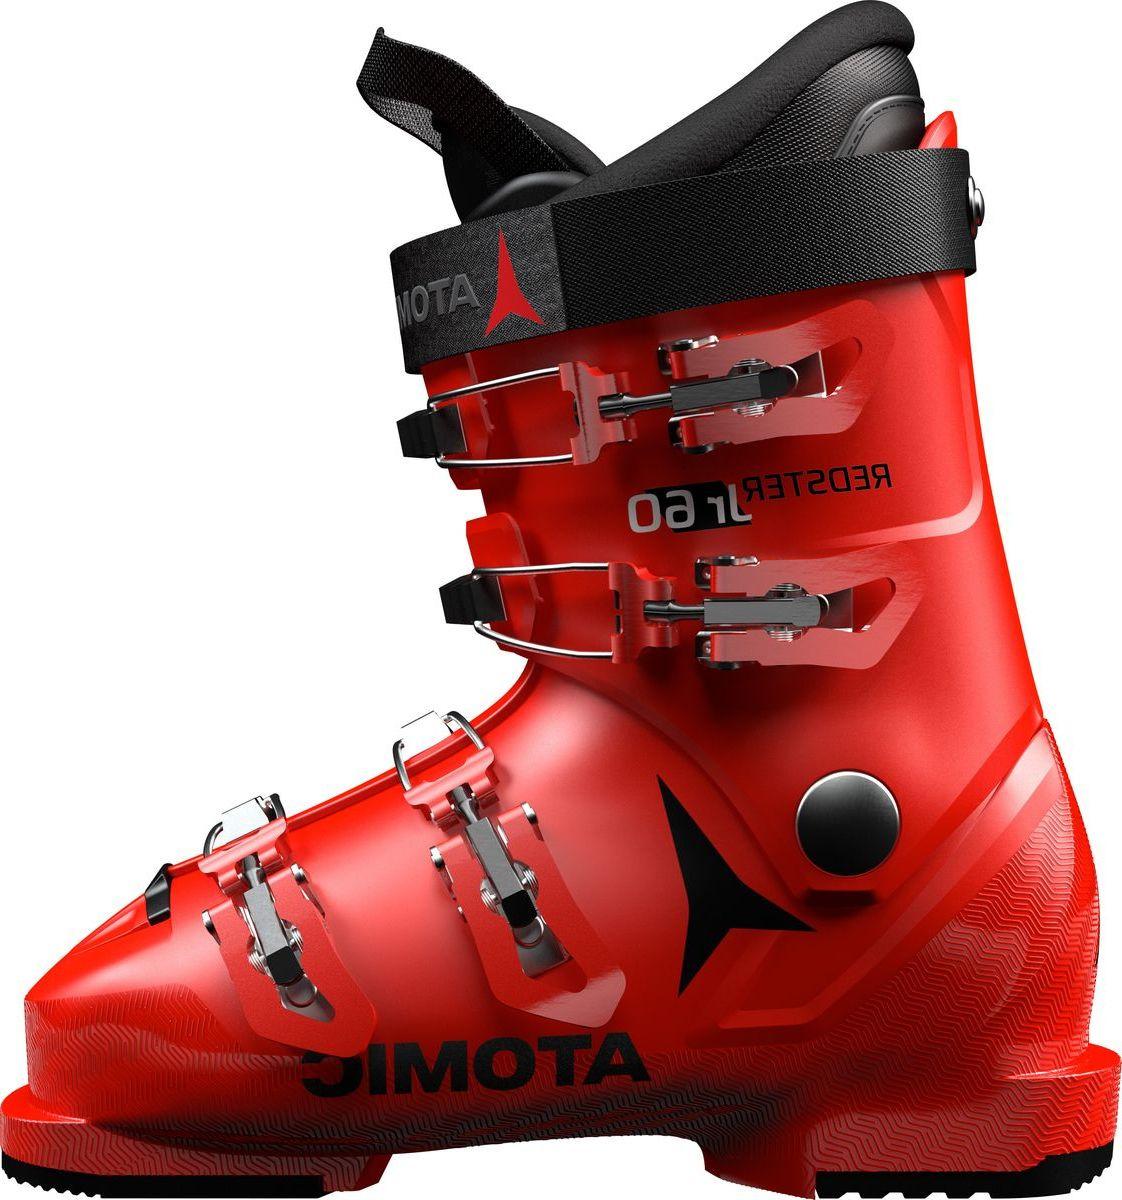 Ботинки горнолыжные Atomic Redster Jr 60, цвет: красный, черный. Размер 31,5/32